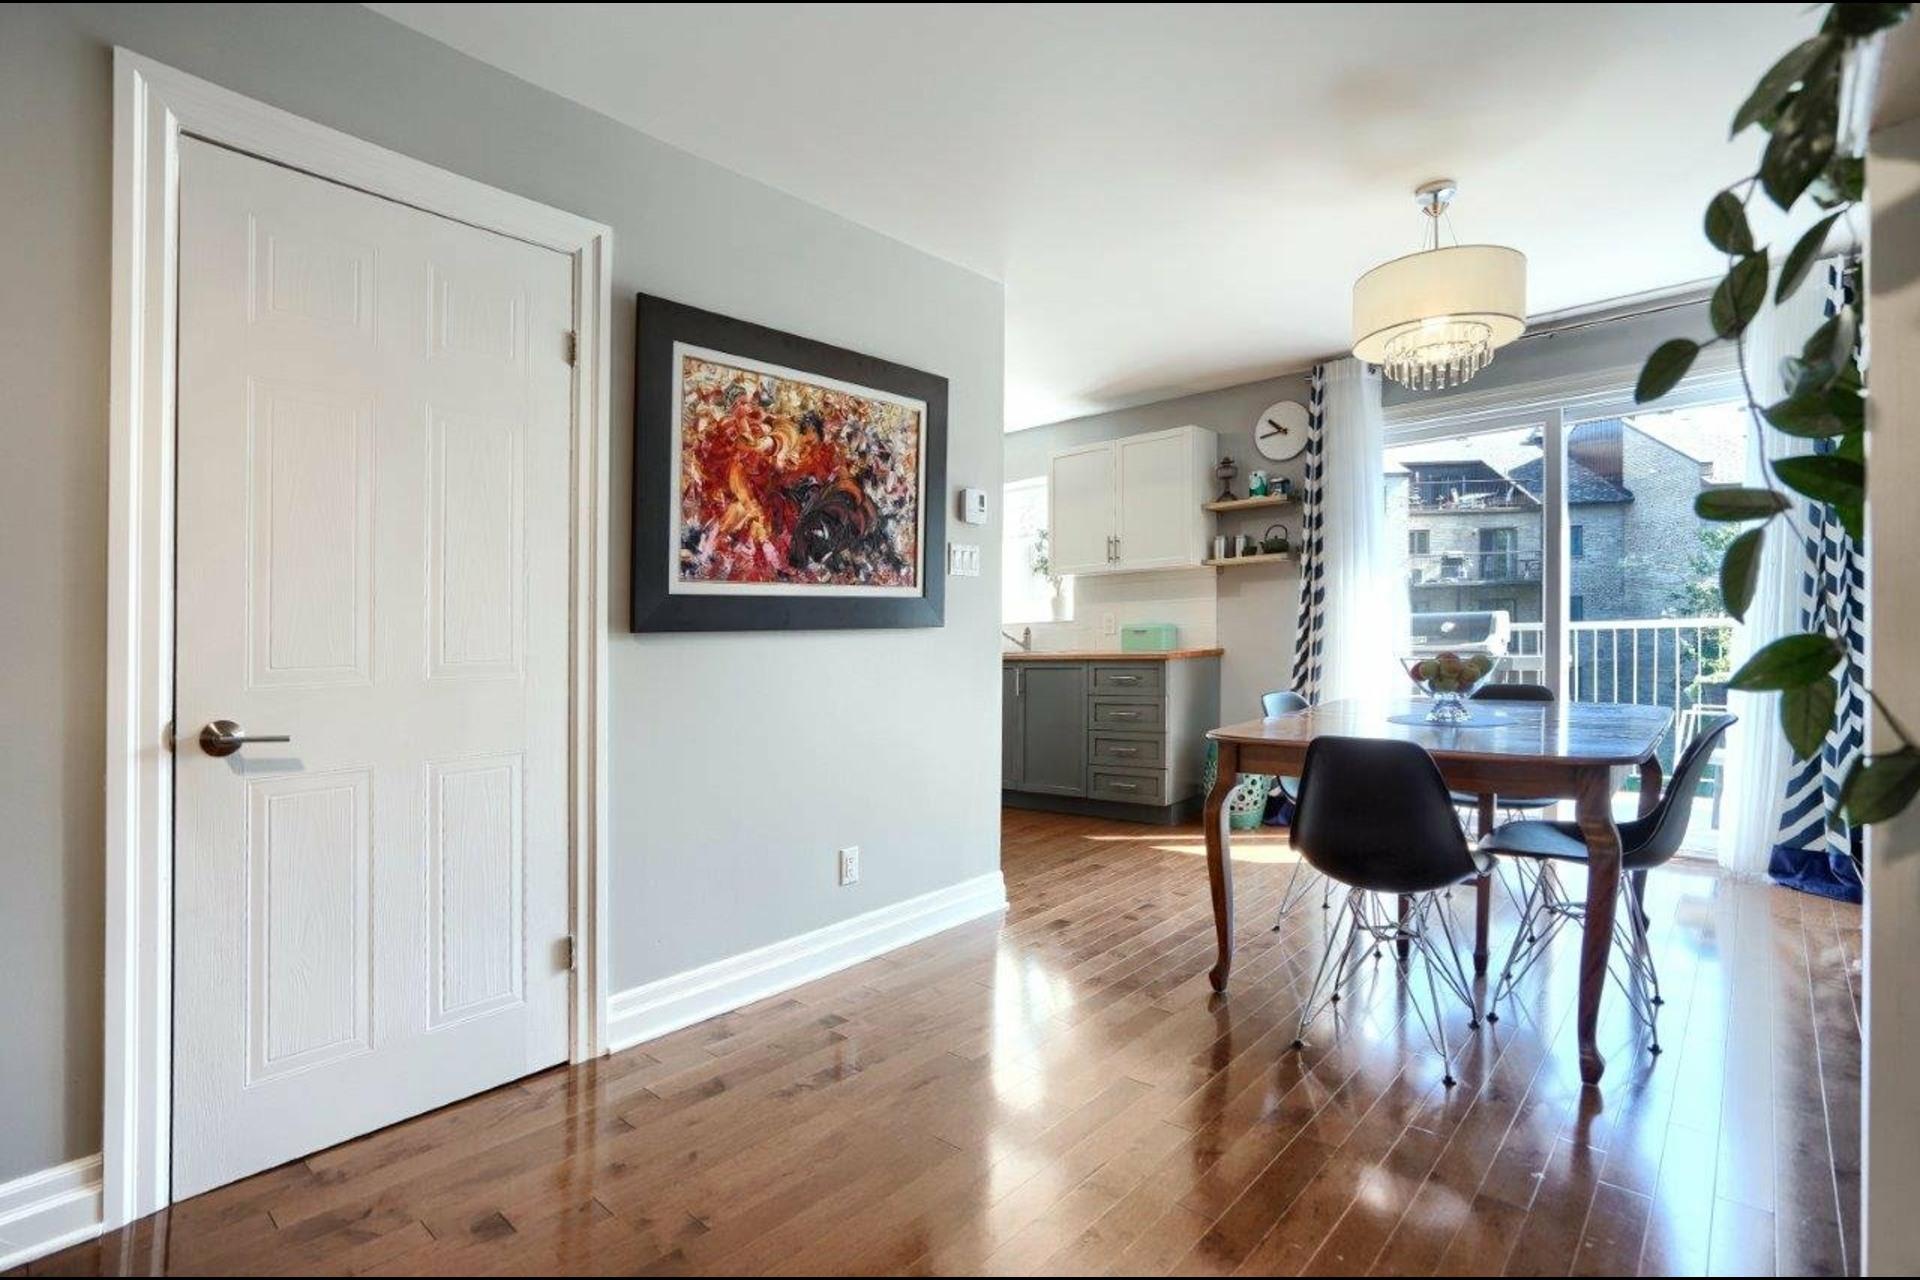 image 8 - Appartement À vendre Brossard - 7 pièces